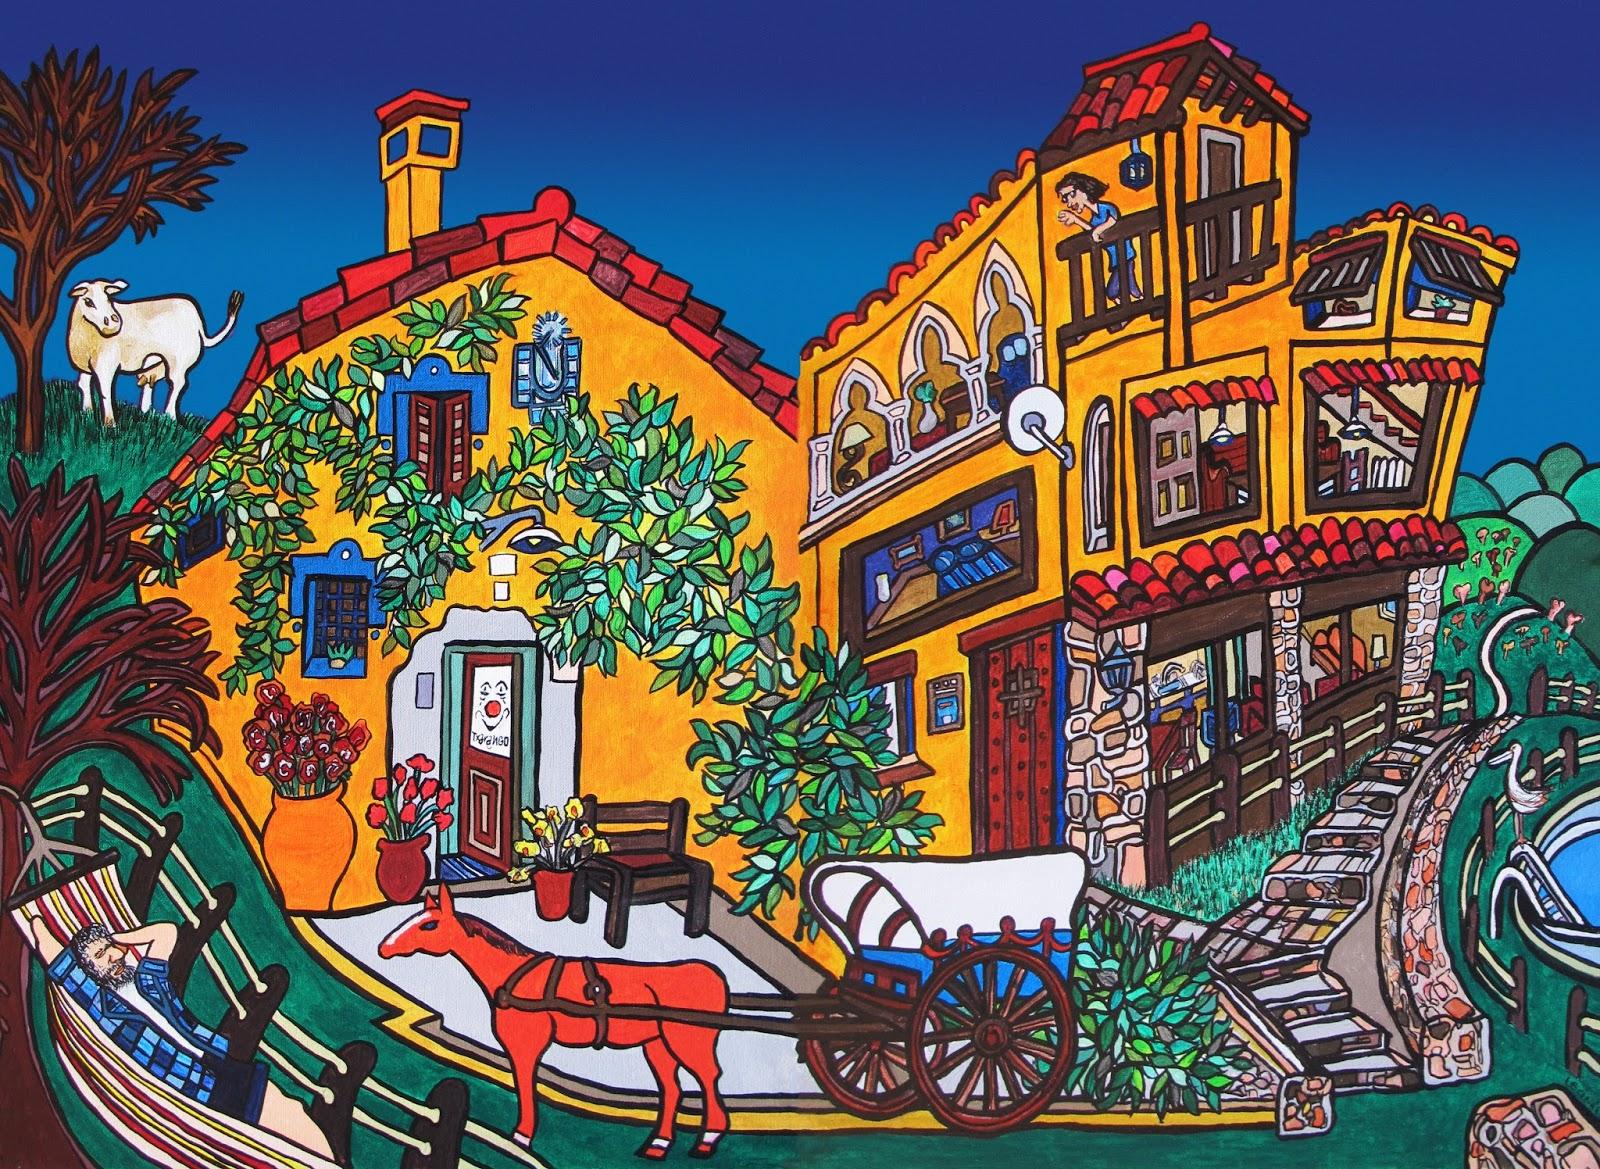 испанский художник Joaquin Lecina